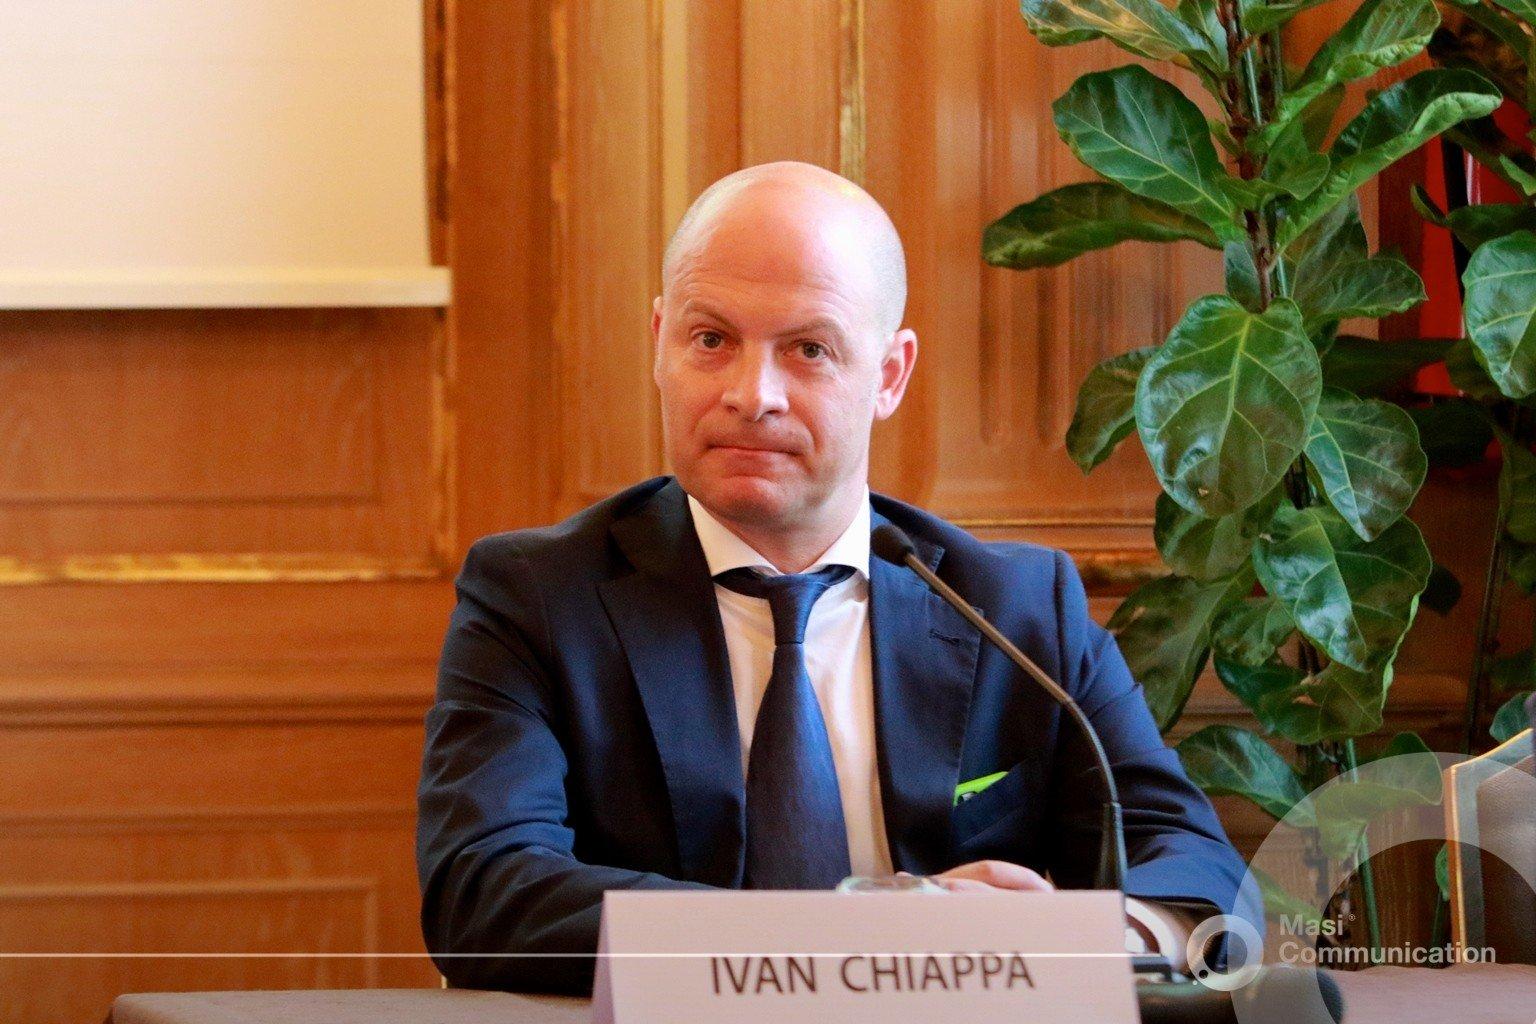 Ivan Chiappa, Presidente della Commissione Sviluppo Economico del Comune di Piacenza